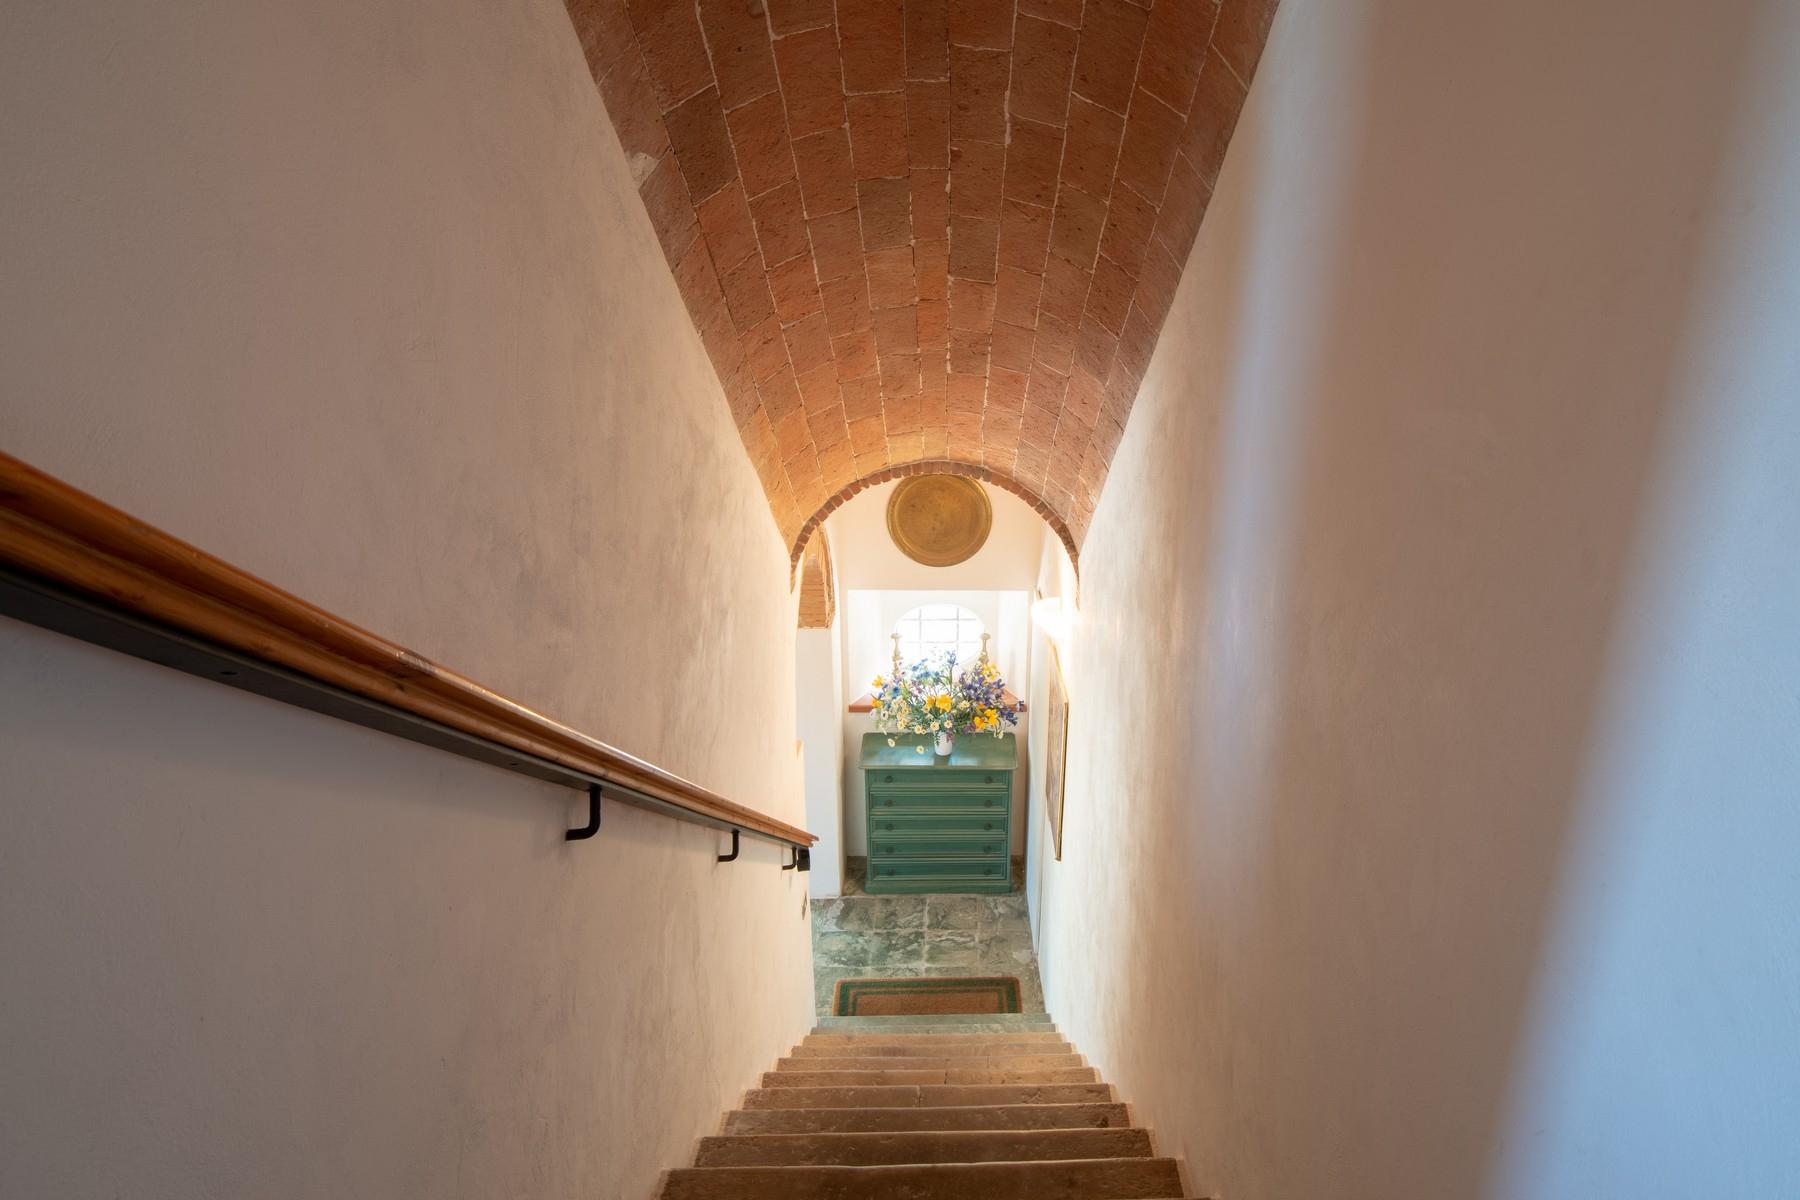 Rustico in Vendita a San Gimignano: 5 locali, 615 mq - Foto 18